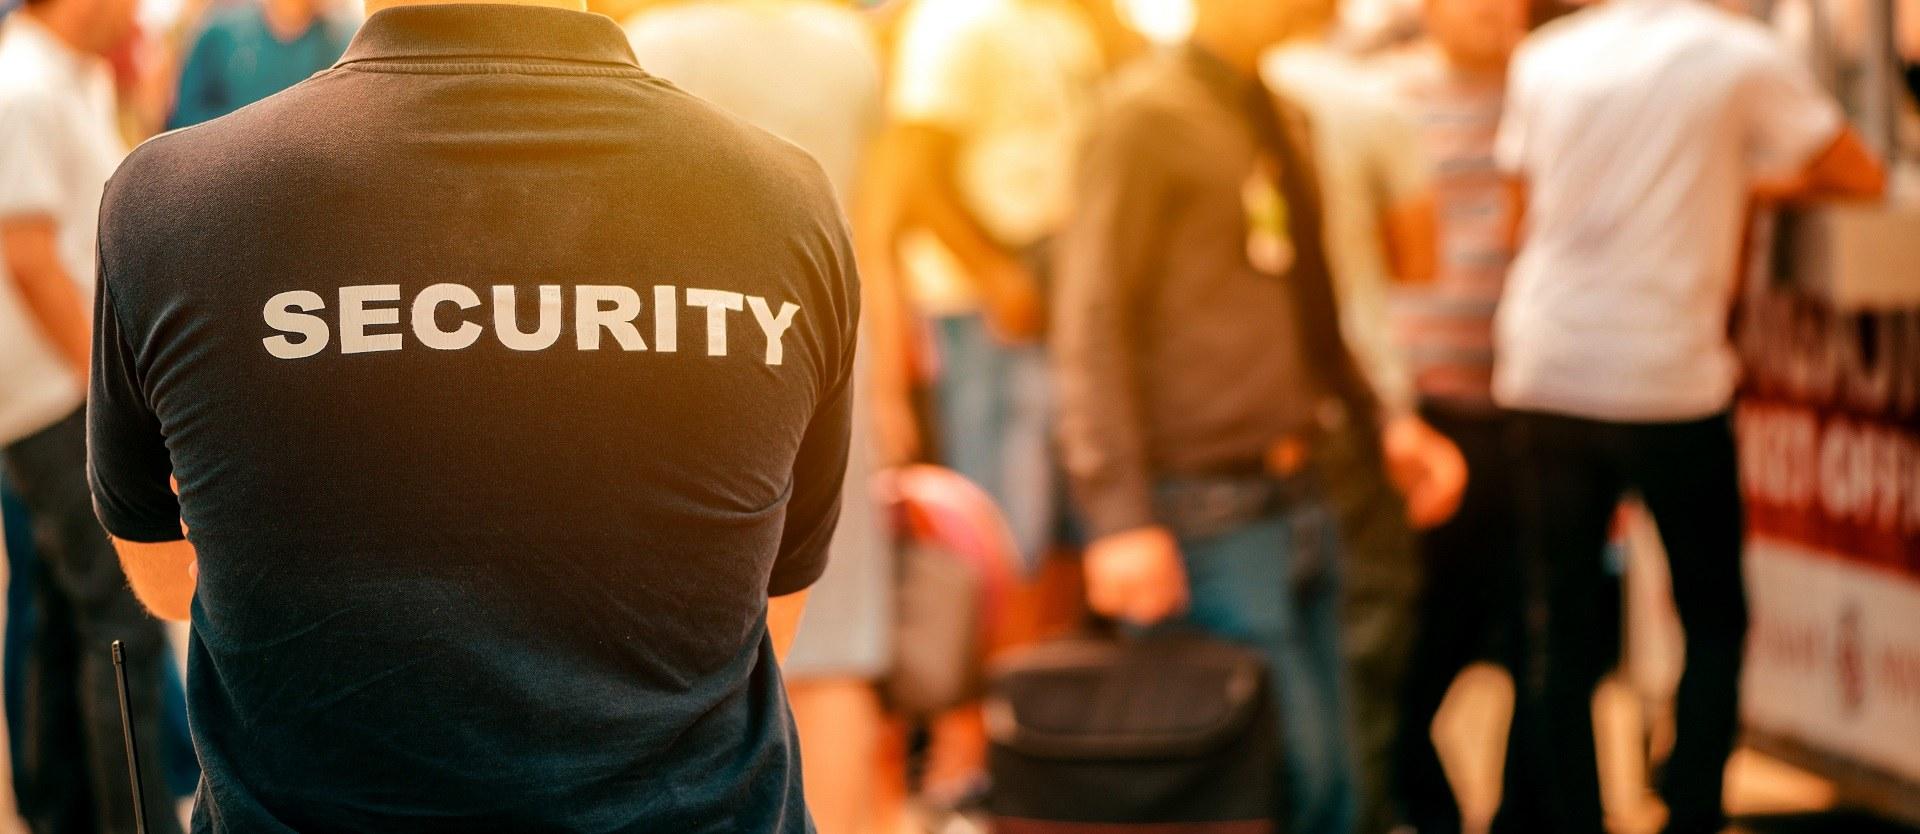 Eventschutz, Event Security, Veranstaltungsschutz, Event Sicherheitsdienst, Veranstaltung Security in Offenbach am Main